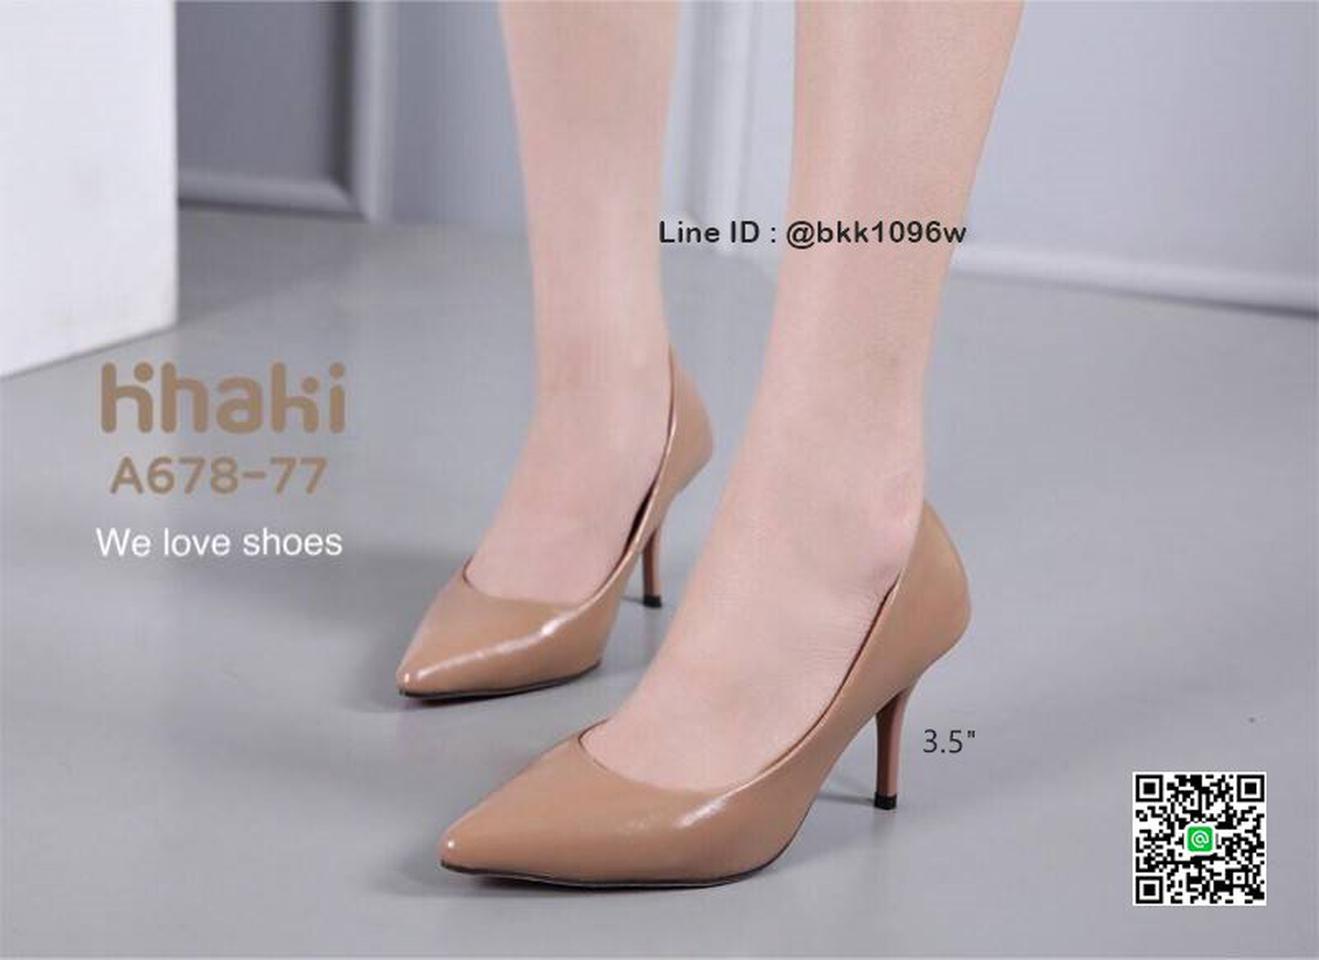 รองเท้าคัชชู ส้นสูง 3.5 นิ้ว หนังPUนิ่ม เงางาม ทรงหัวแหลม รูปที่ 1